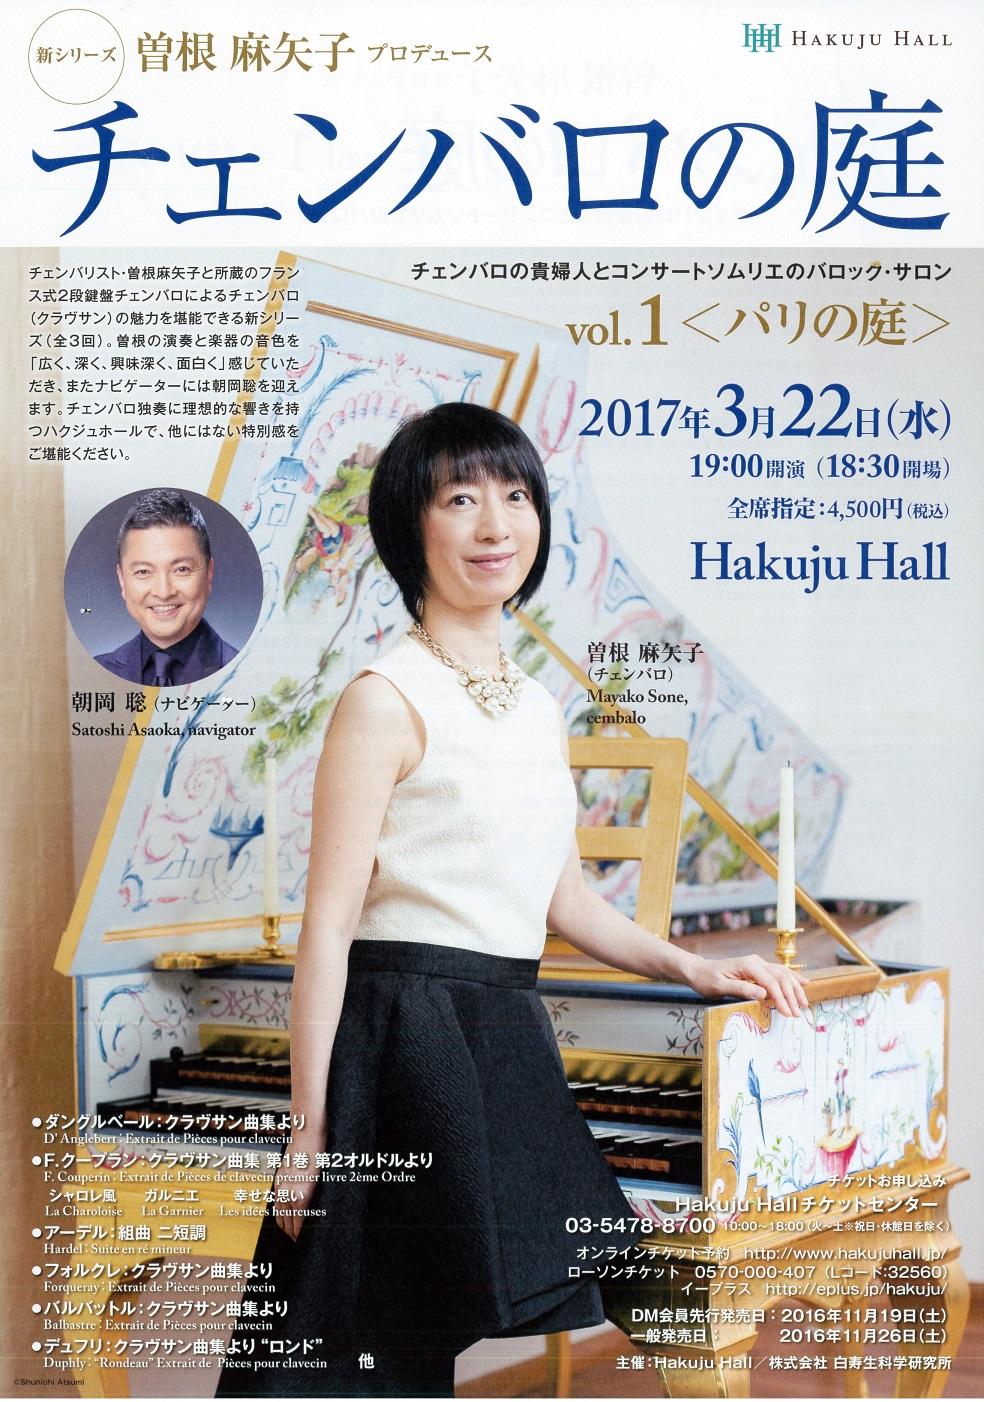 mayako_hakuju2